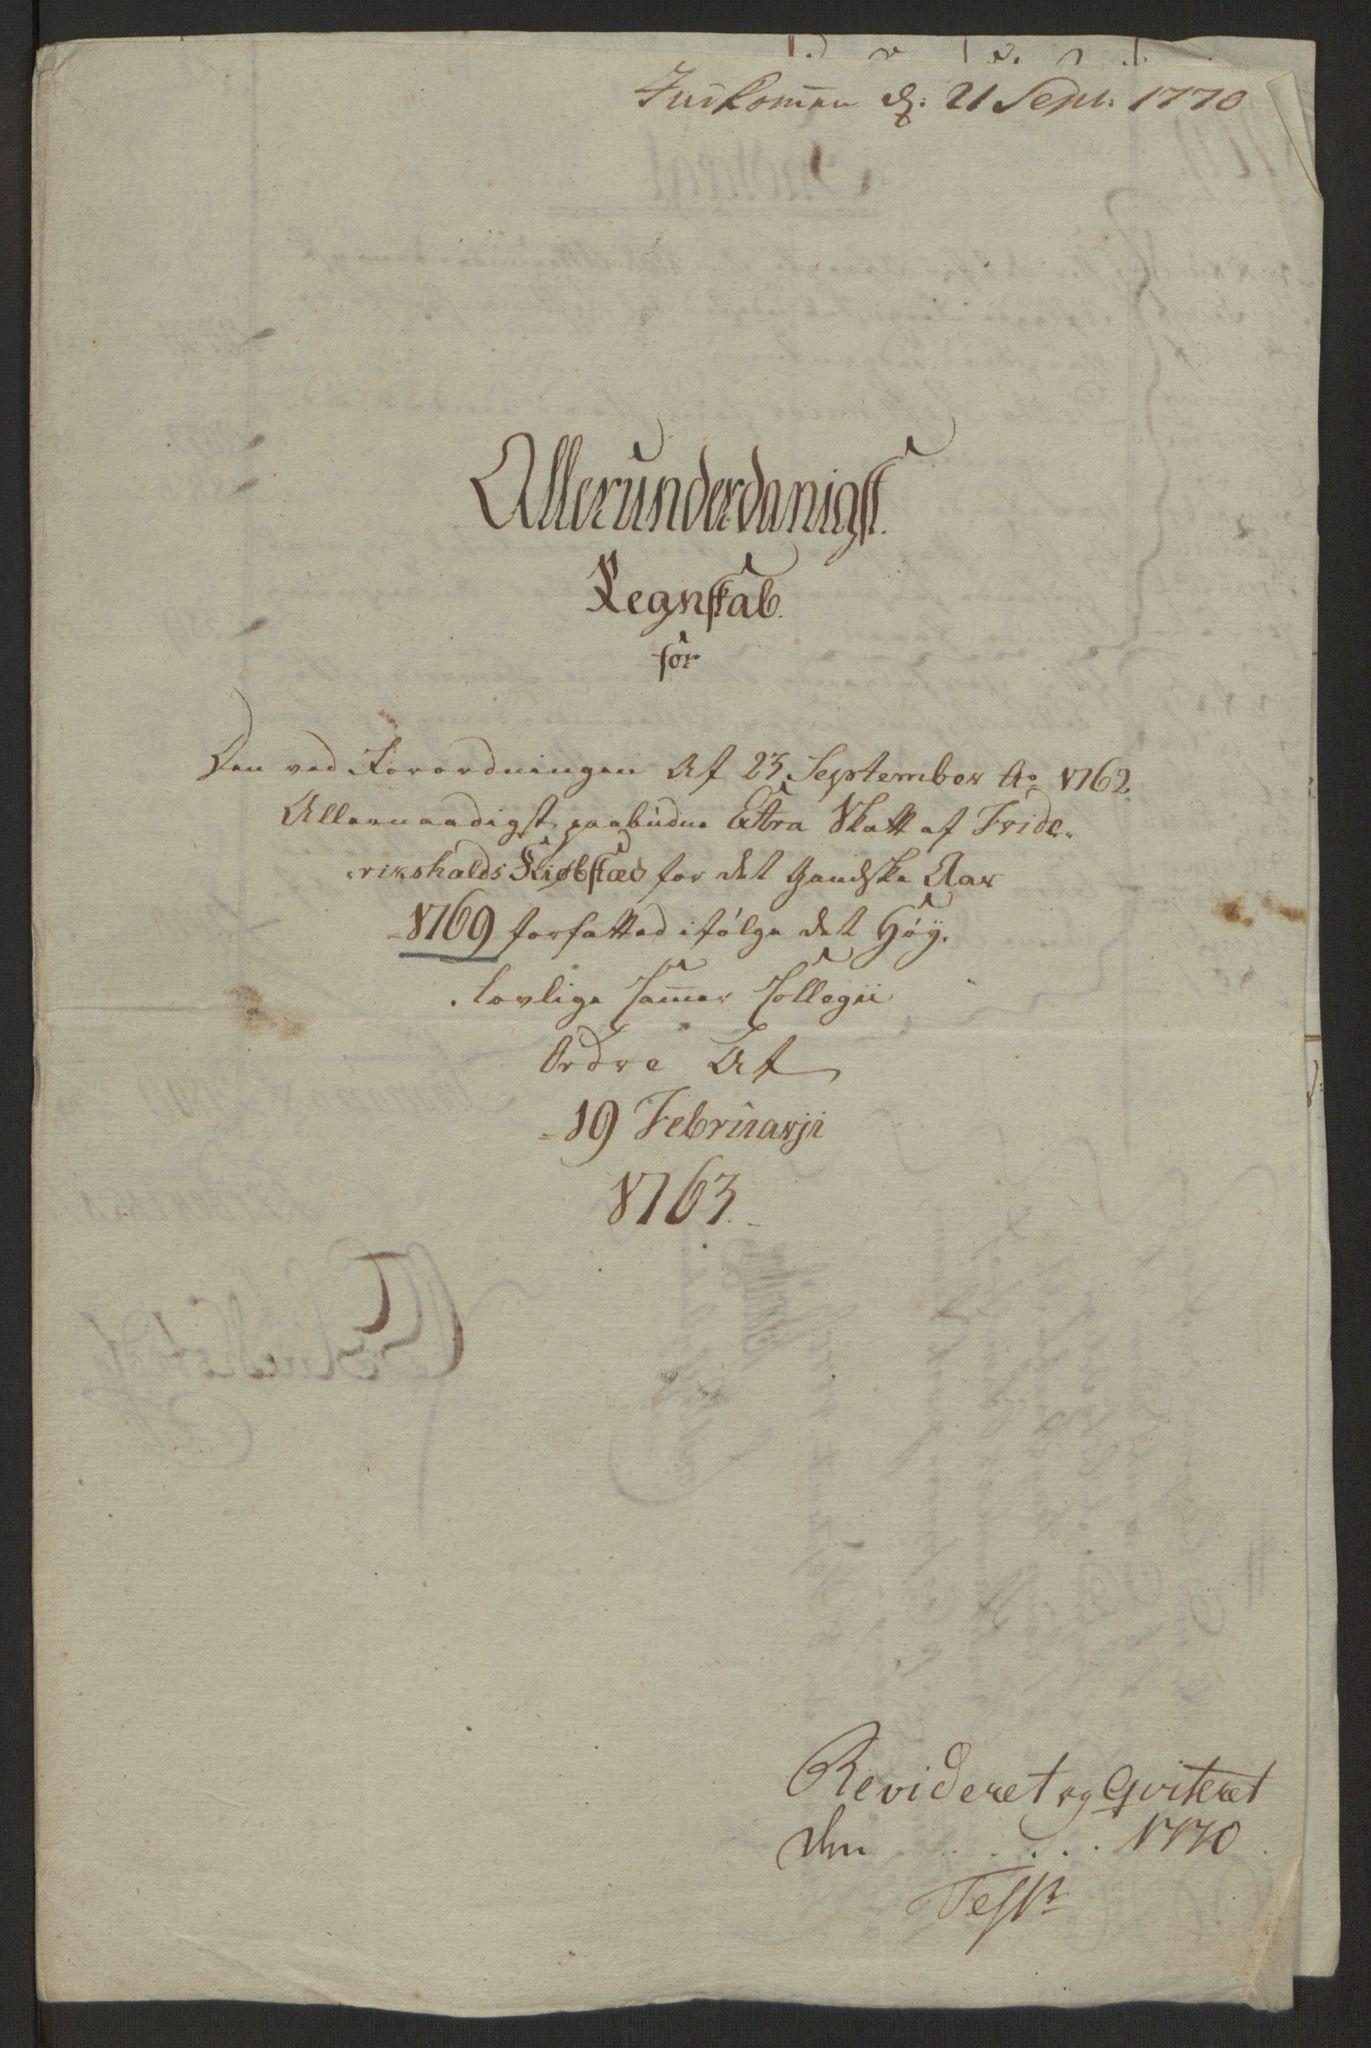 RA, Rentekammeret inntil 1814, Reviderte regnskaper, Byregnskaper, R/Ra/L0006: [A4] Kontribusjonsregnskap, 1762-1772, s. 153